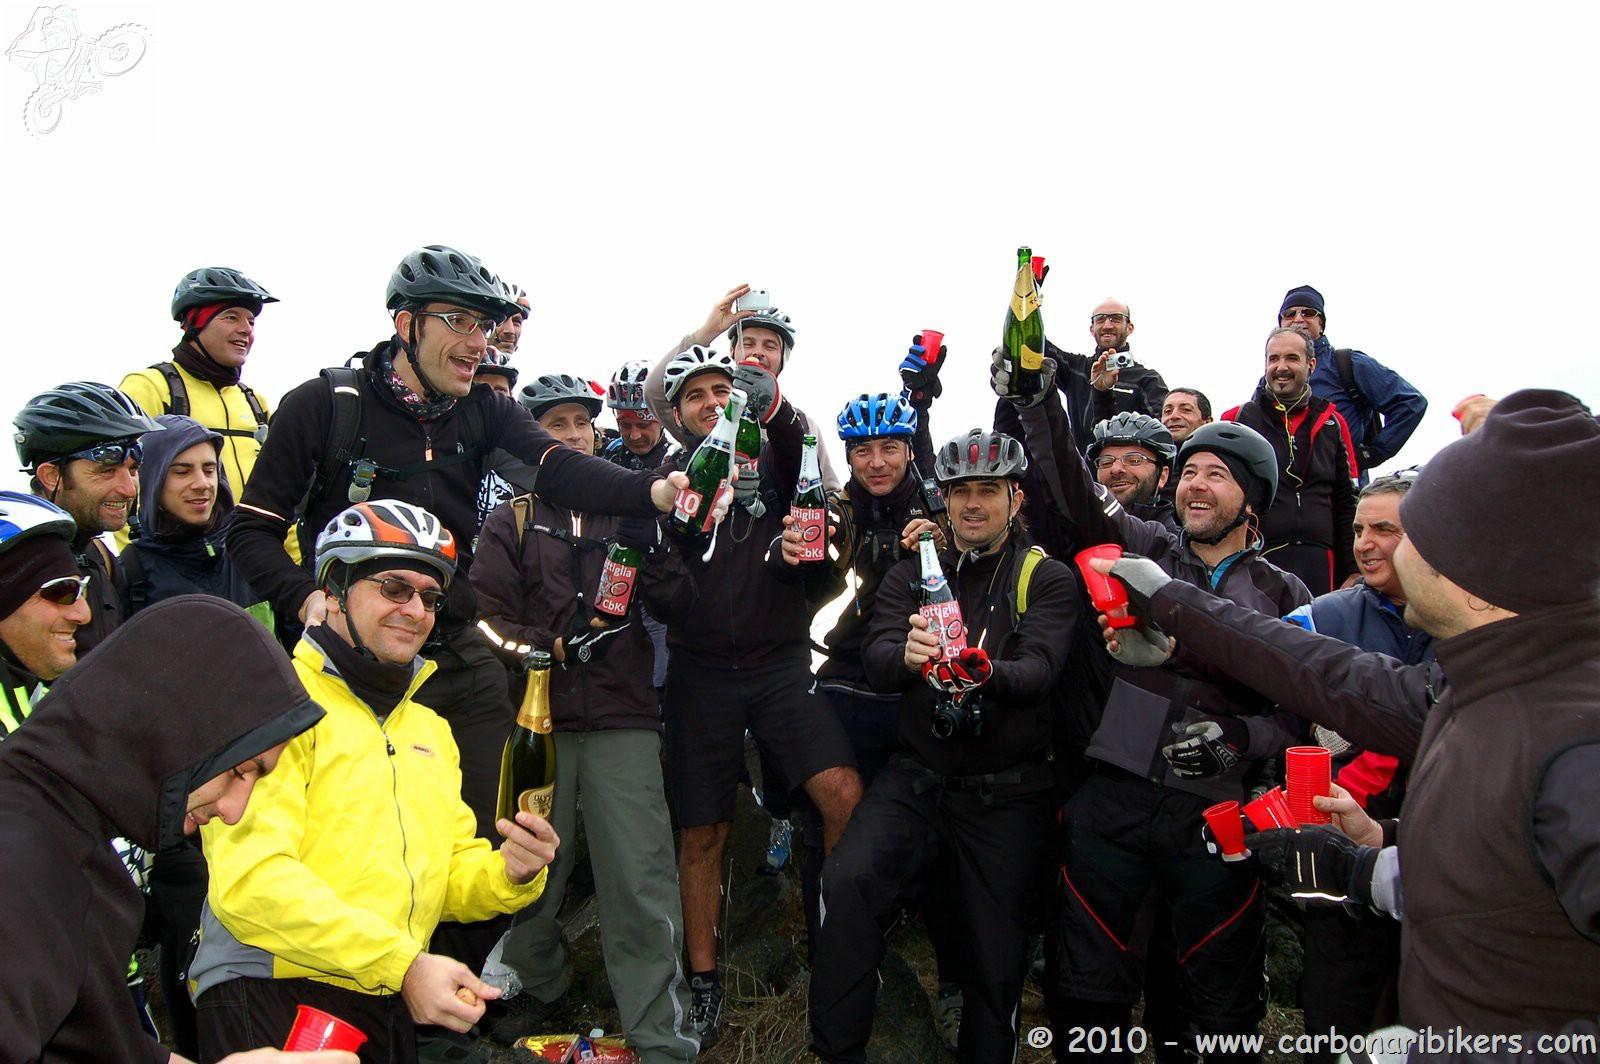 Mountain biking o la ami o la odi: noi la amiamo